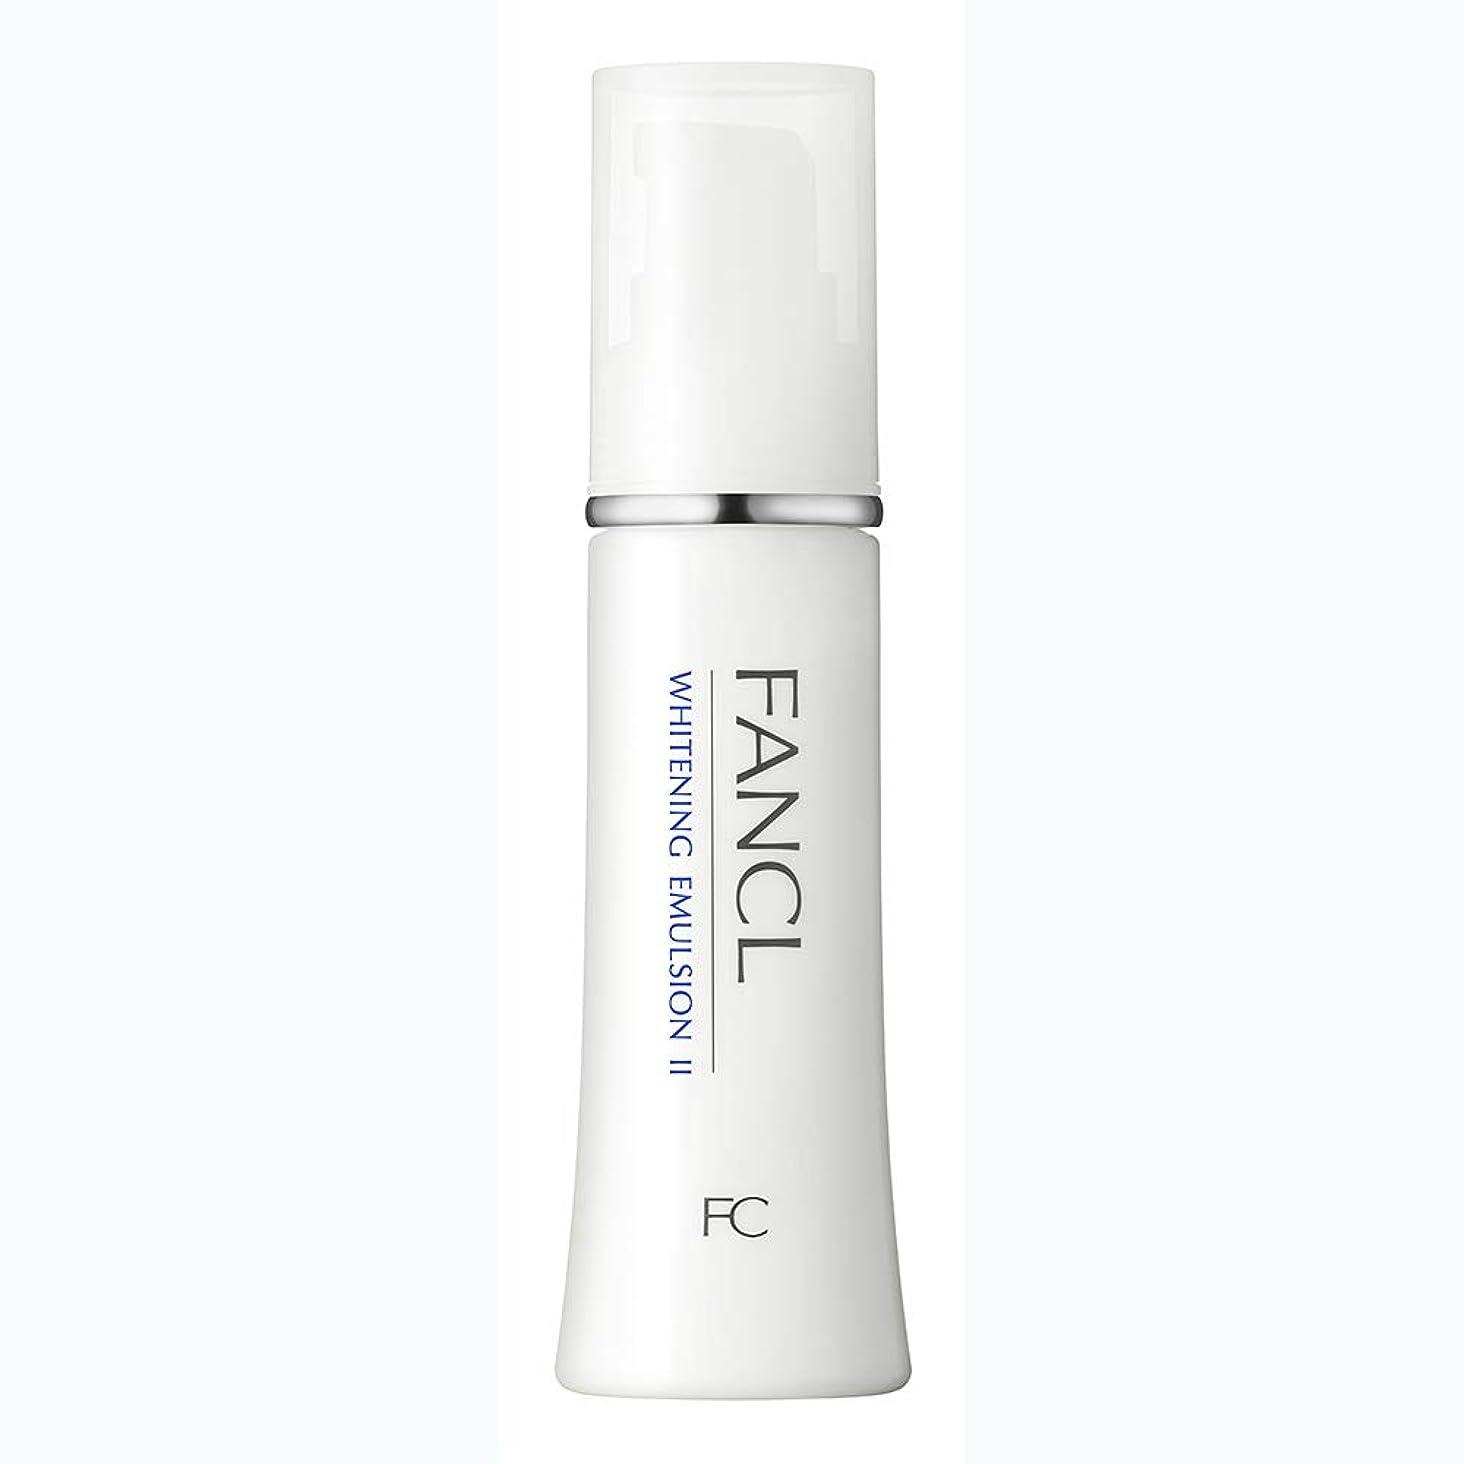 酒細分化する有彩色のファンケル(FANCL) 新 ホワイトニング 乳液 II しっとり 1本 30mL<医薬部外品>